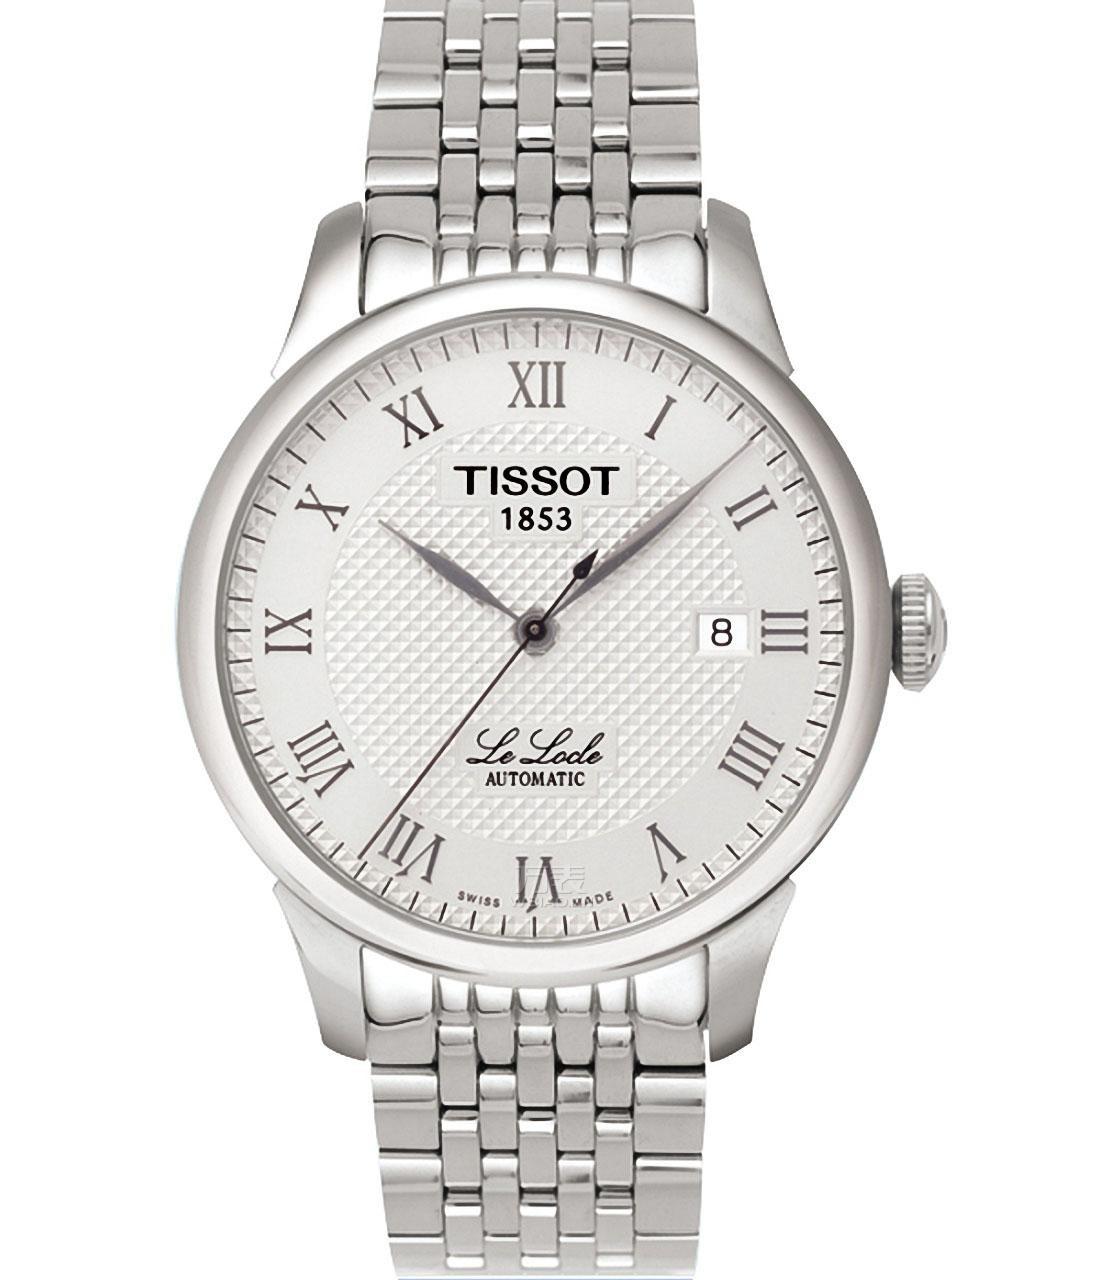 瑞士天骏手表报价_天梭手表价格及图片_万表网